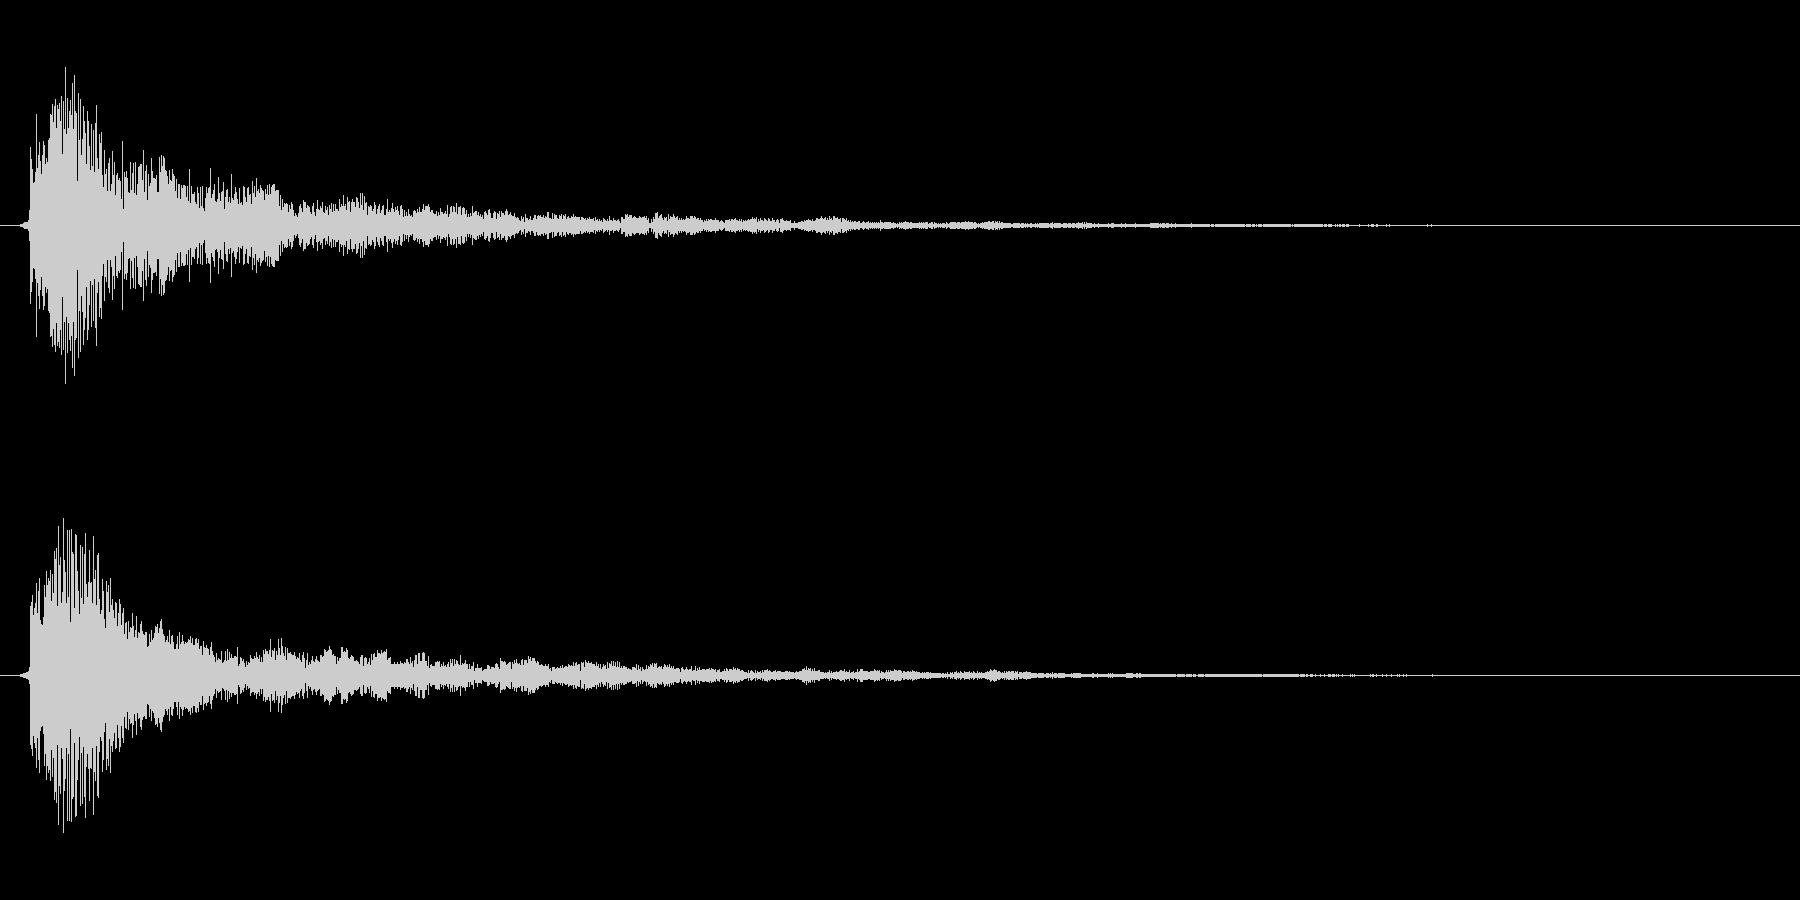 サウンドロゴ(企業ロゴ)_003の未再生の波形